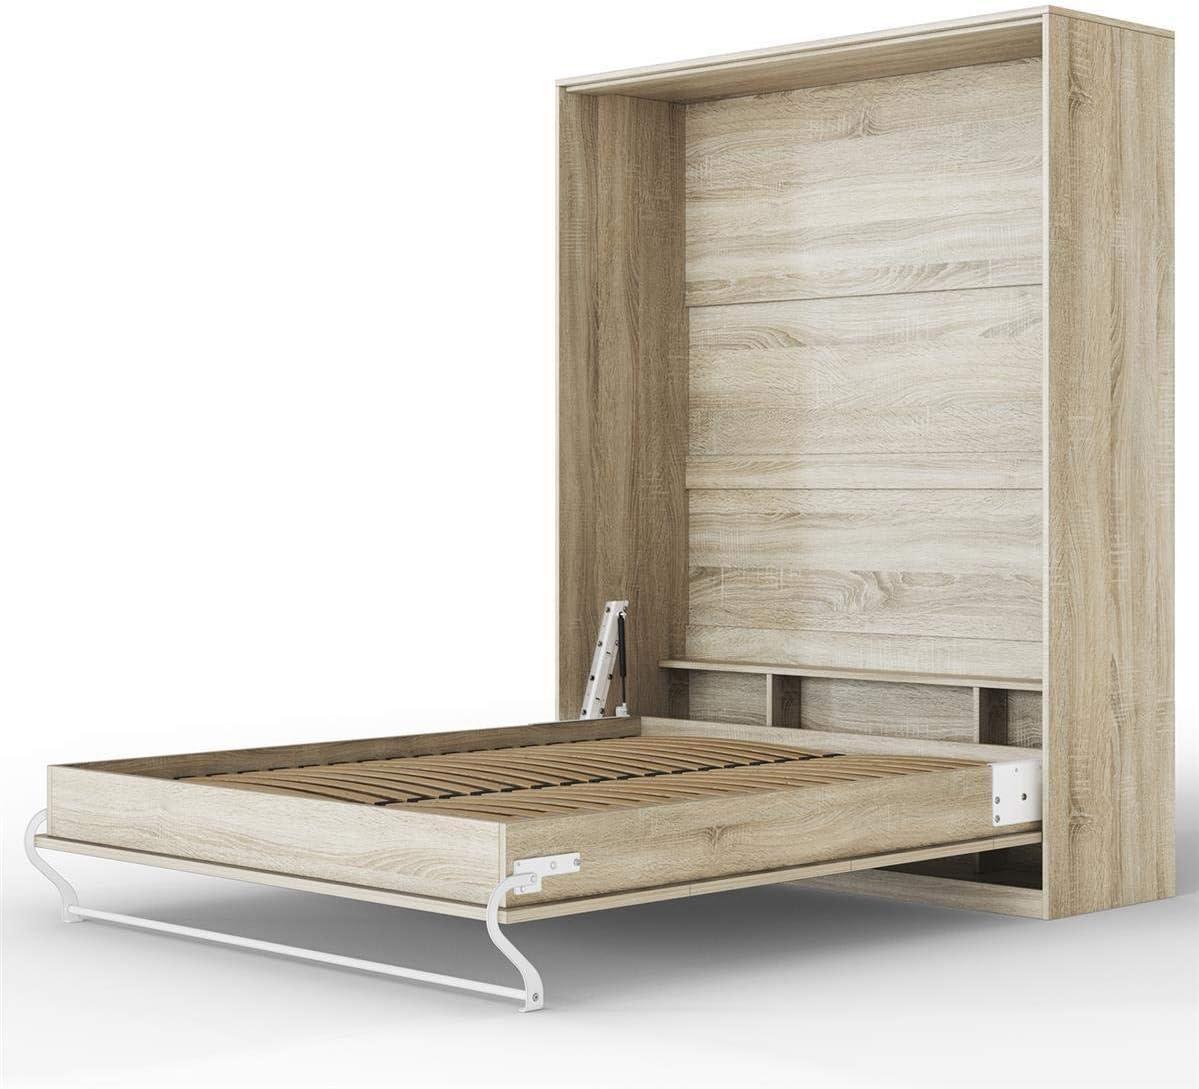 - SMARTBett Standard Folding Wall Bed With Gas Pressure Springs (Oak